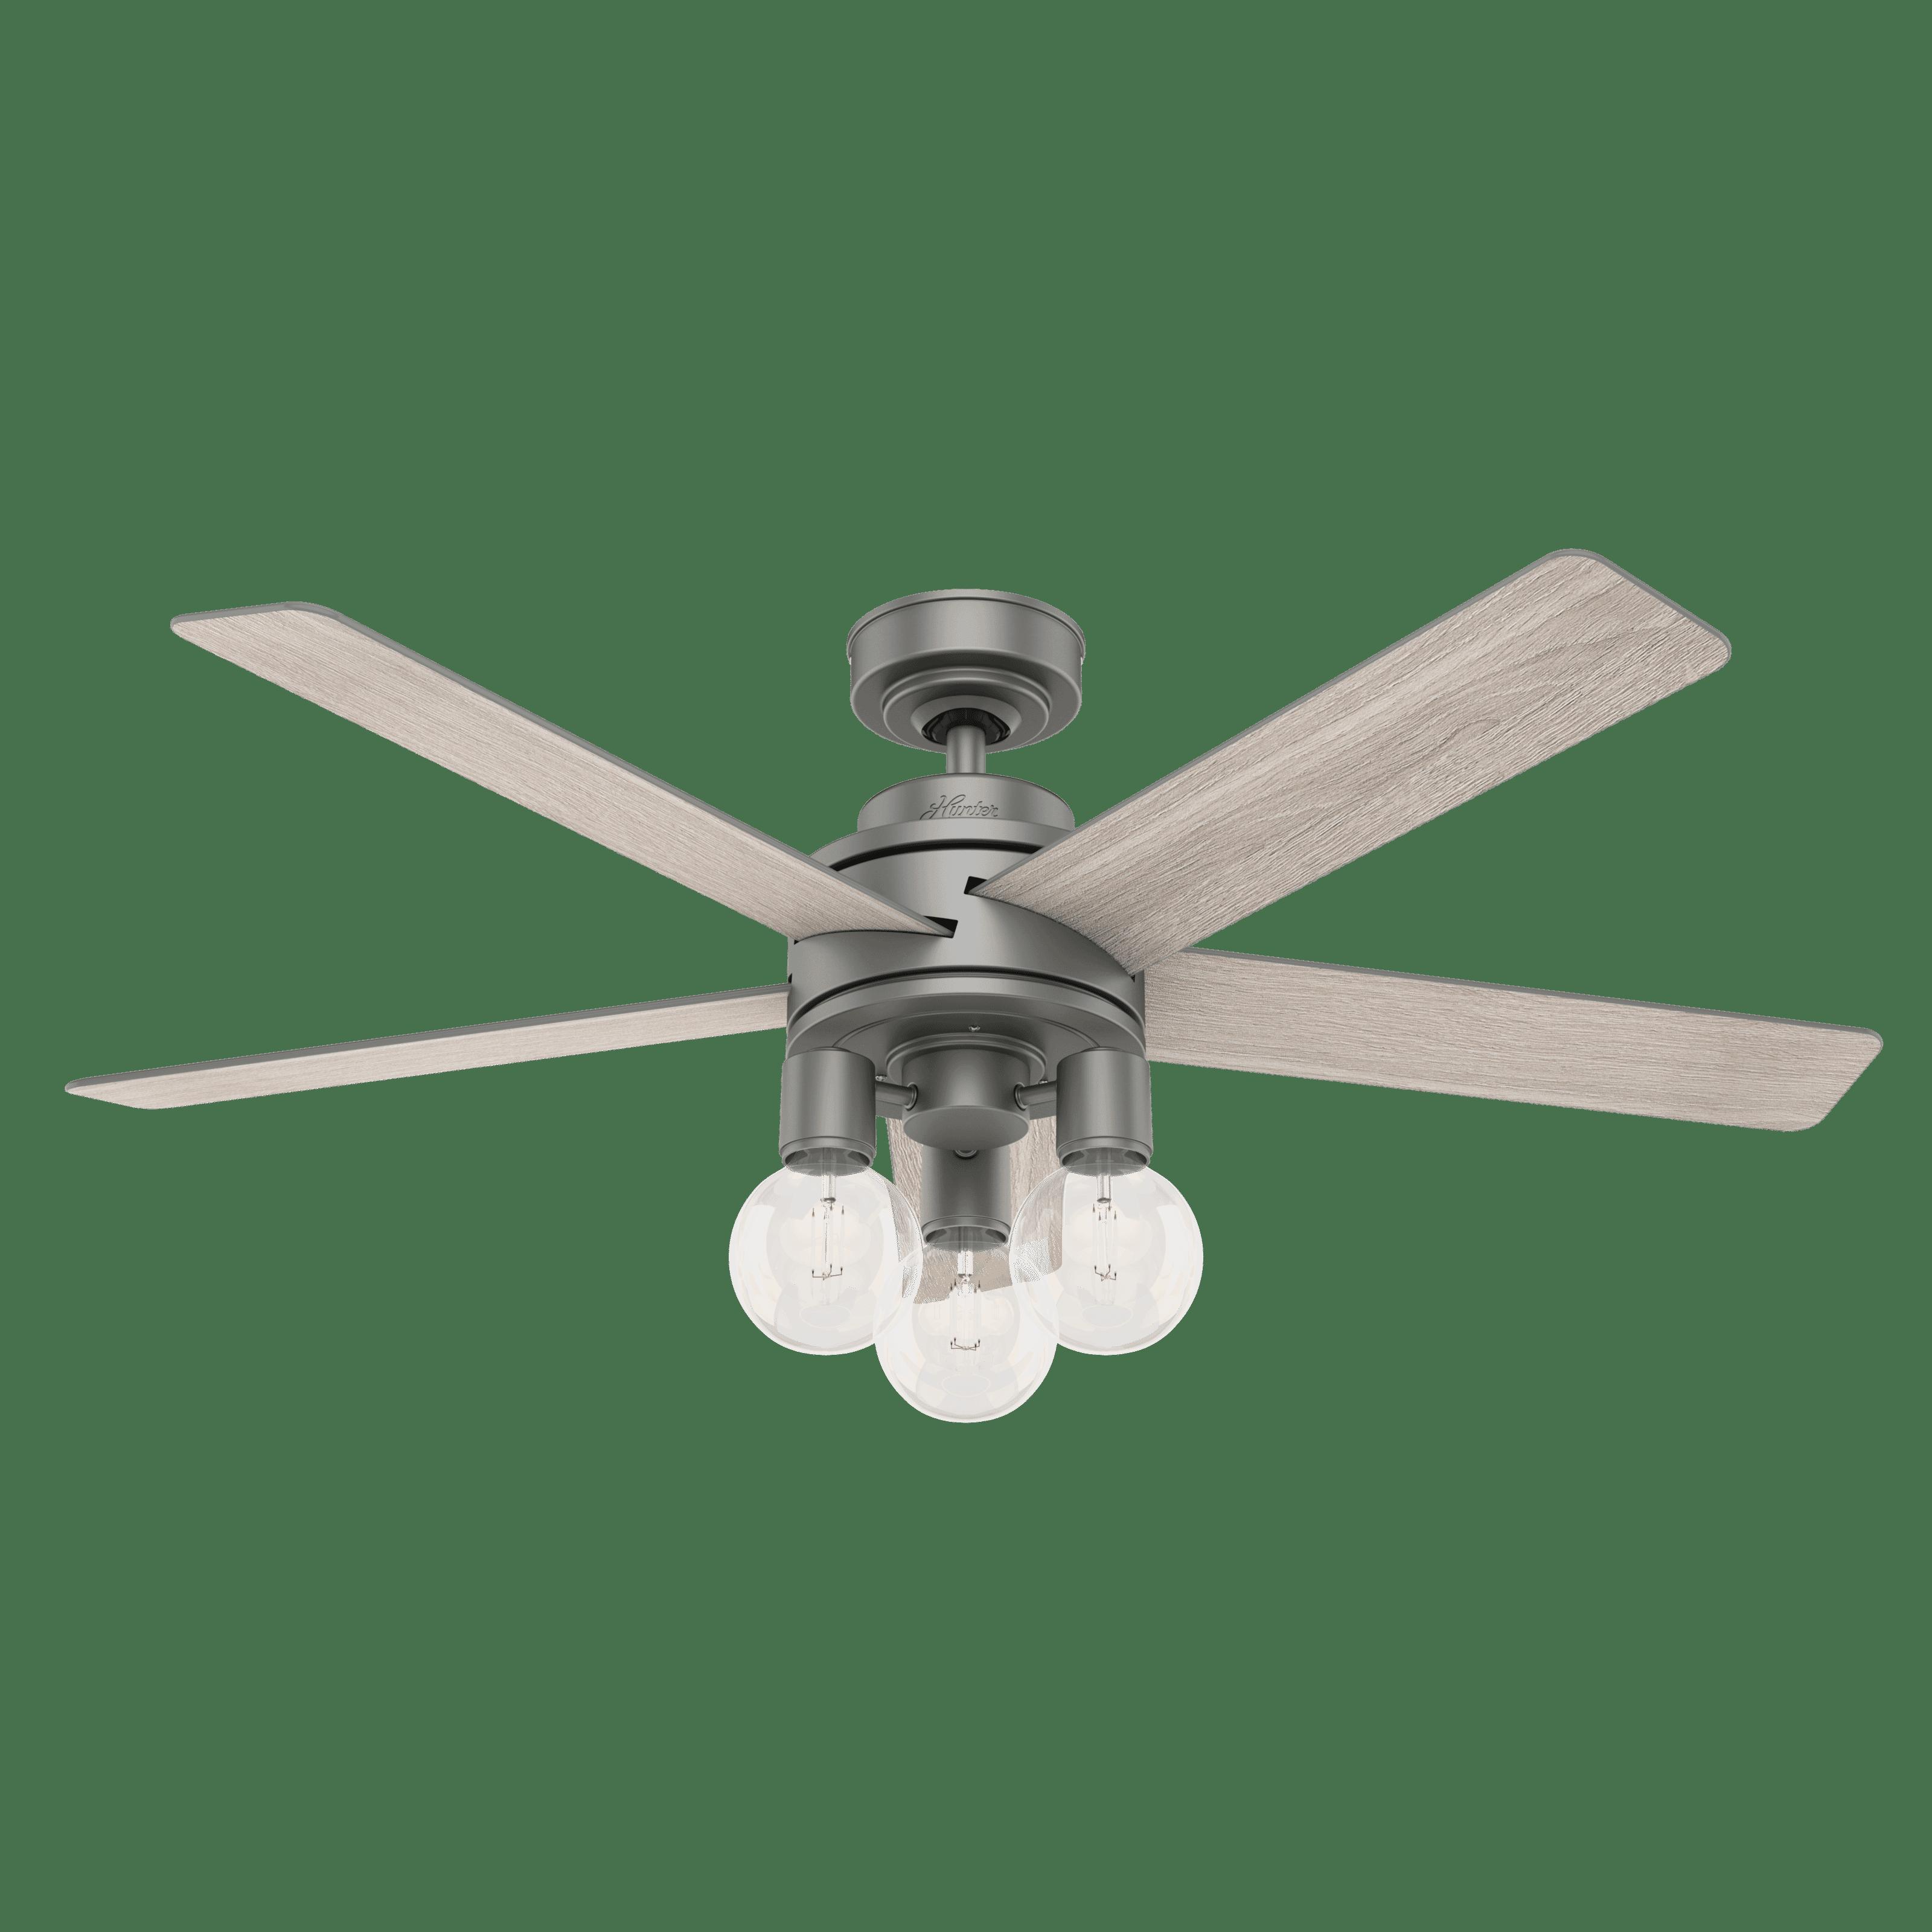 Hunter Fans 3 Light 52 Indoor Ceiling Fan In Matte Silver